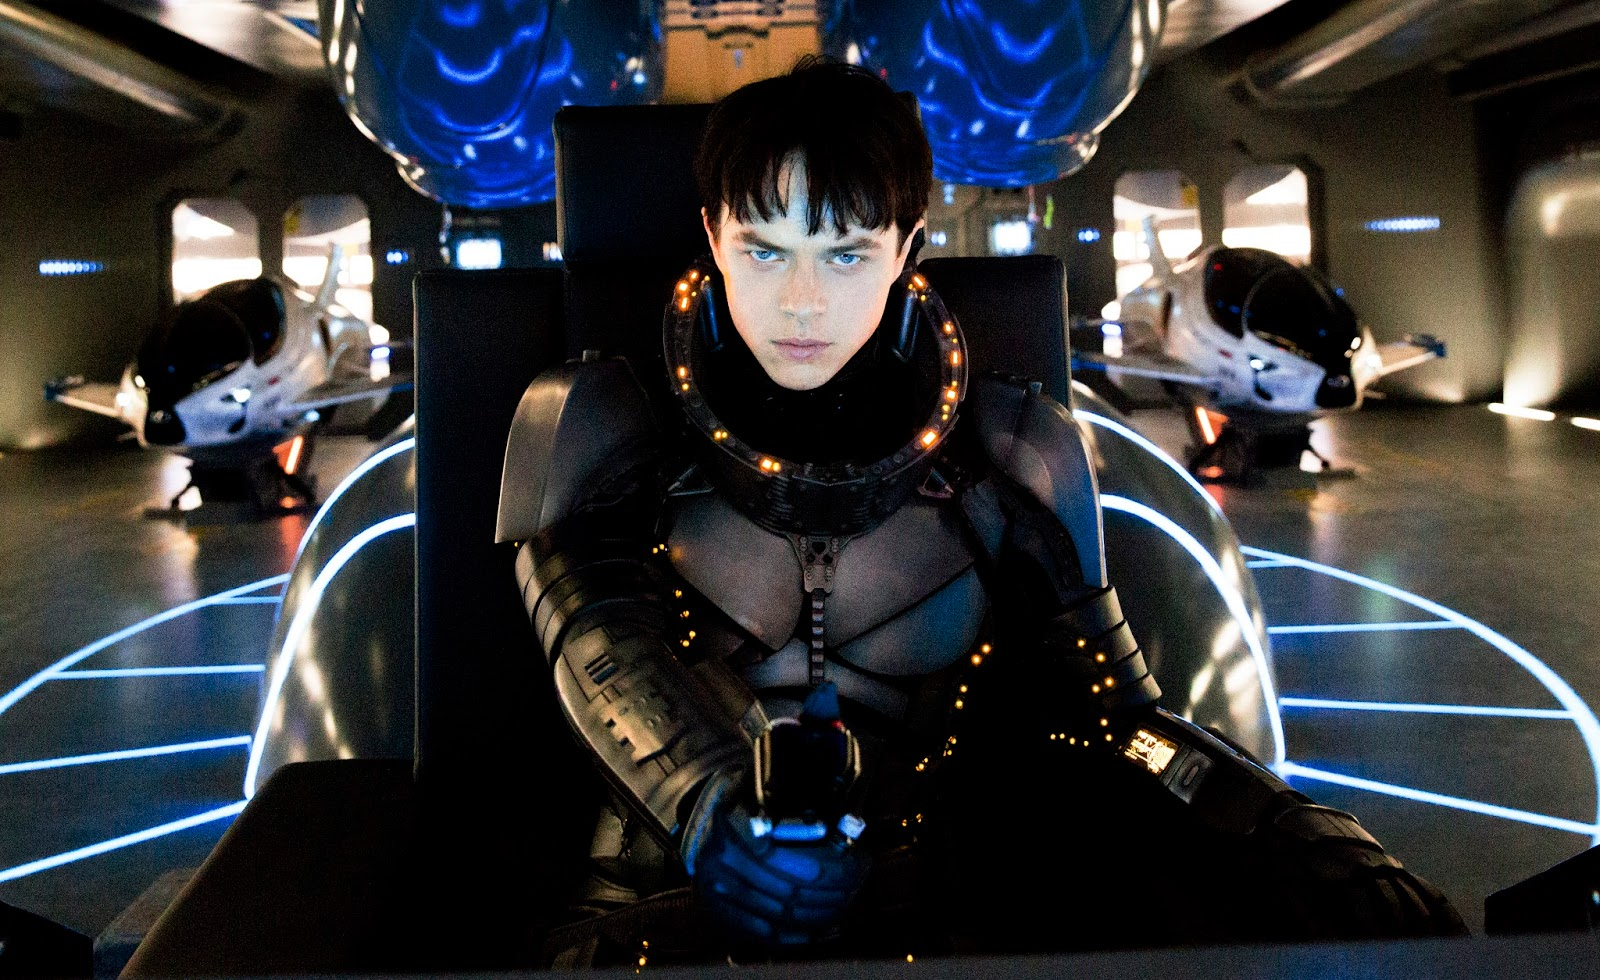 Dane DeHaan e criaturas em imagens inéditas da sci-fi Valerian: E A Cidade Dos Mil Planetas